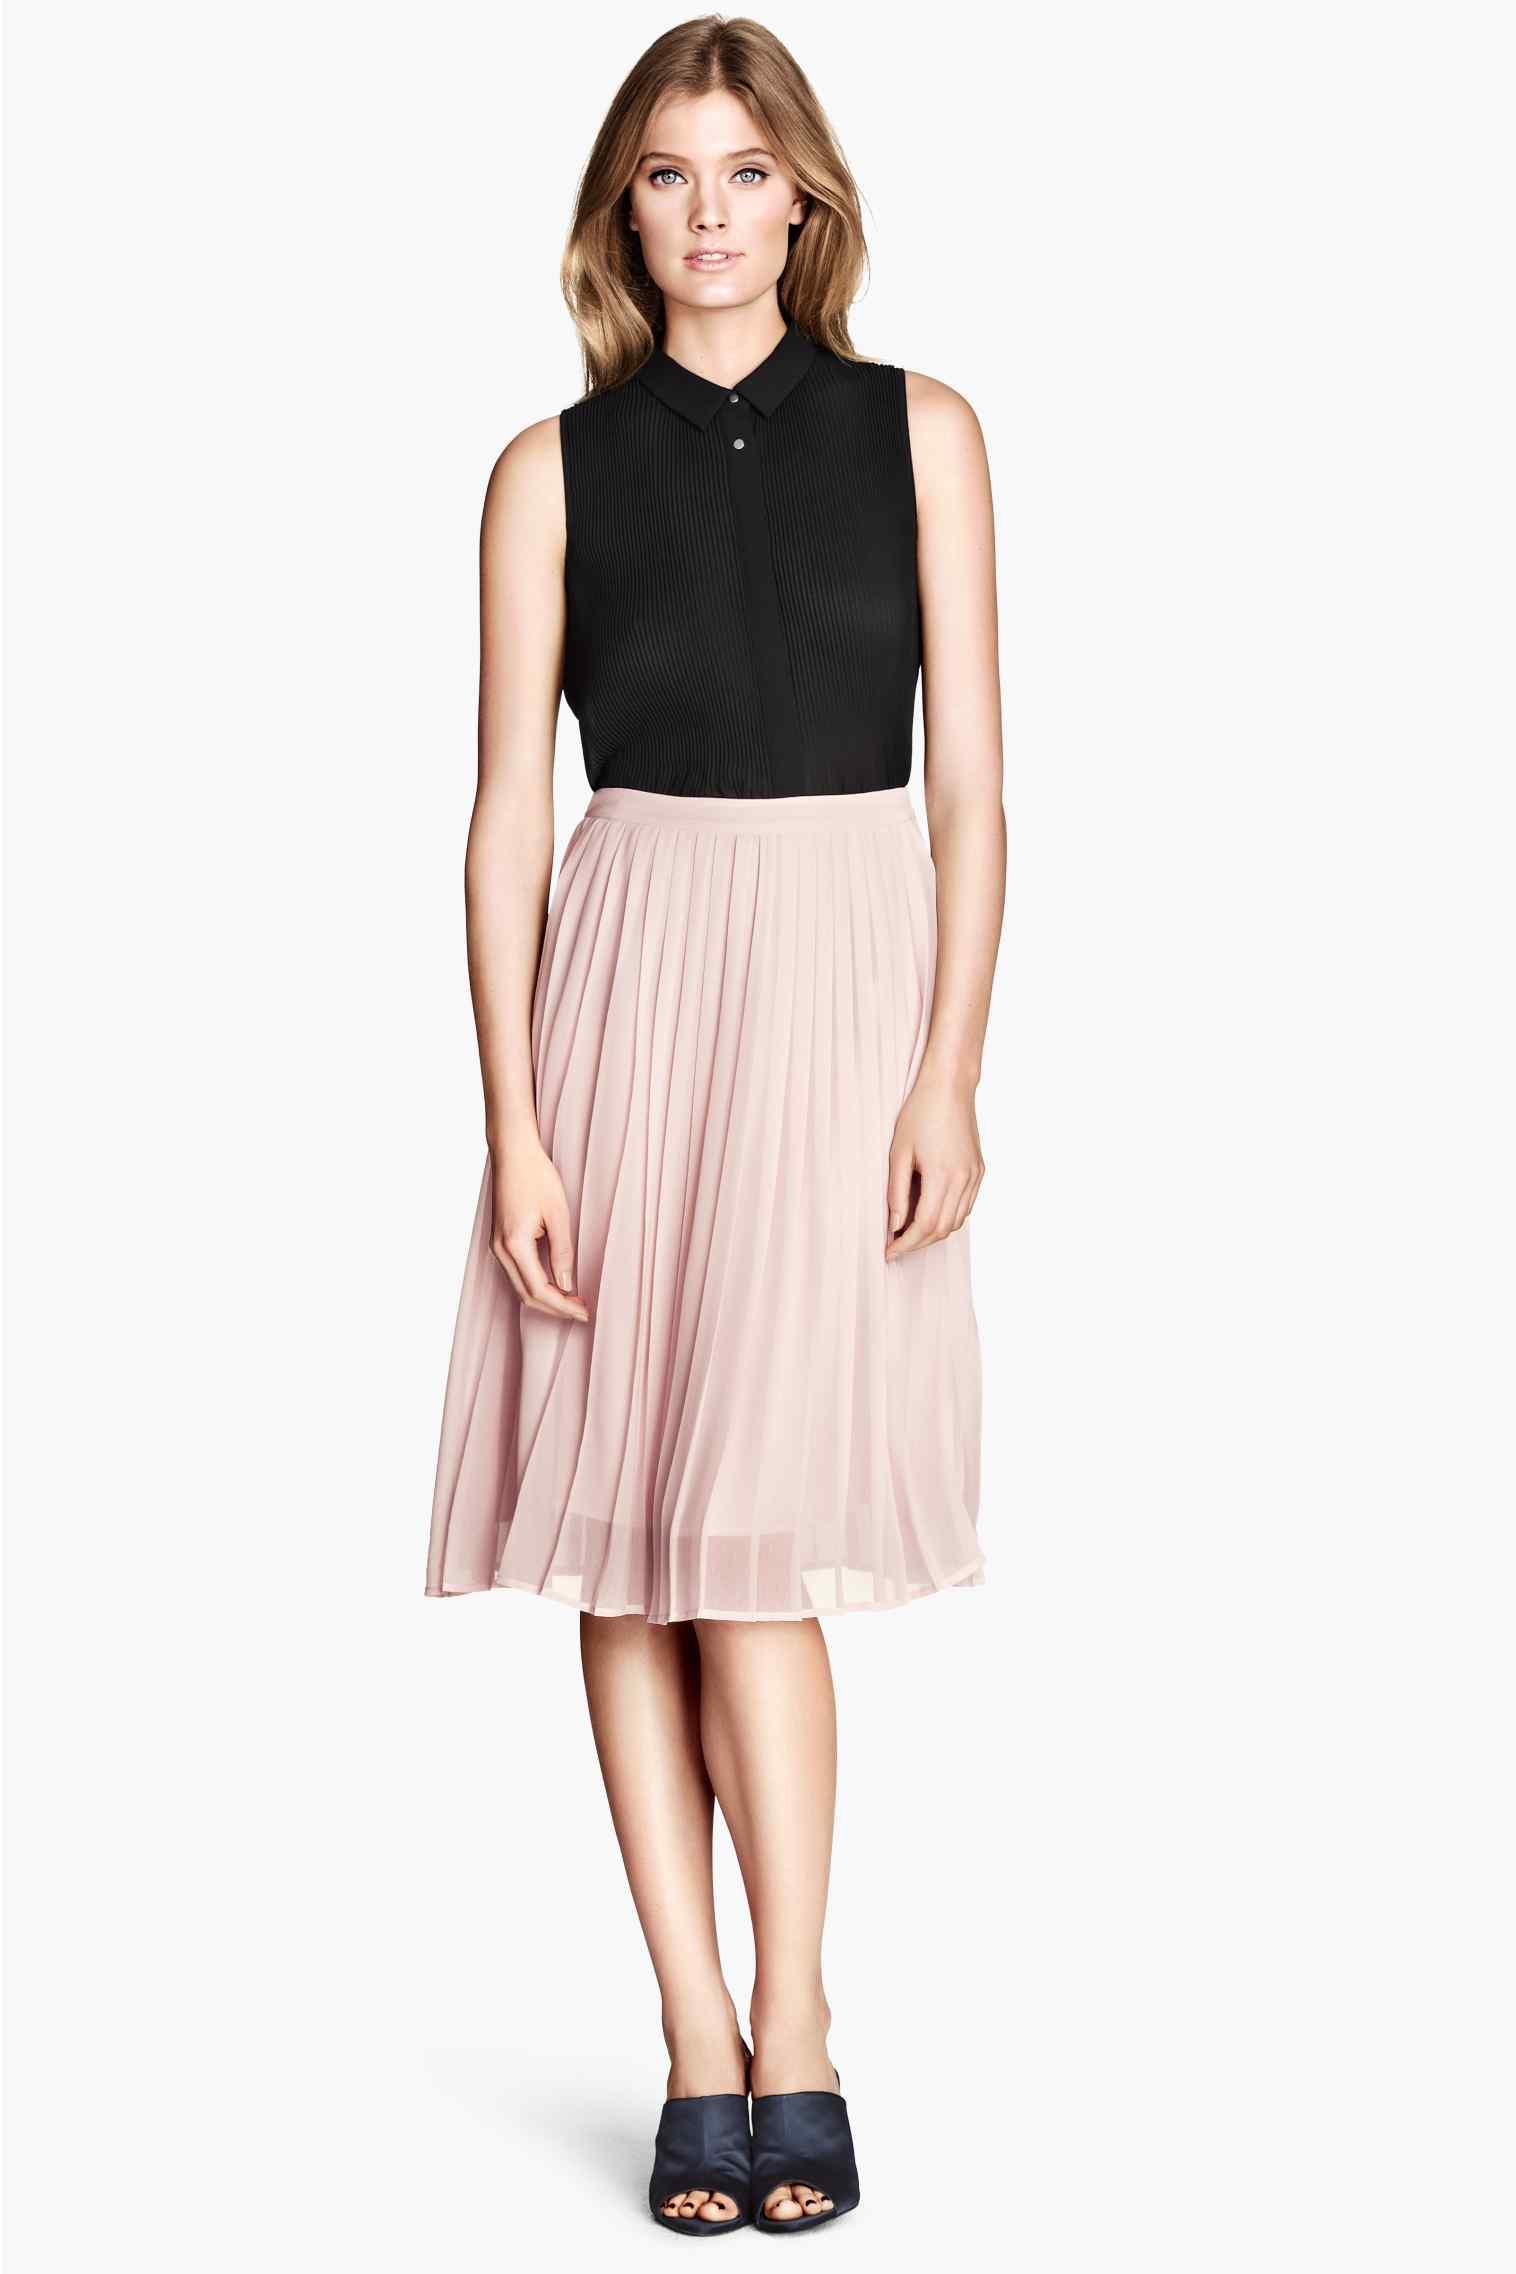 86015e2a7c Avec quoi porter une jupe plissée cet été ? 5 inspirations looks H&M ...